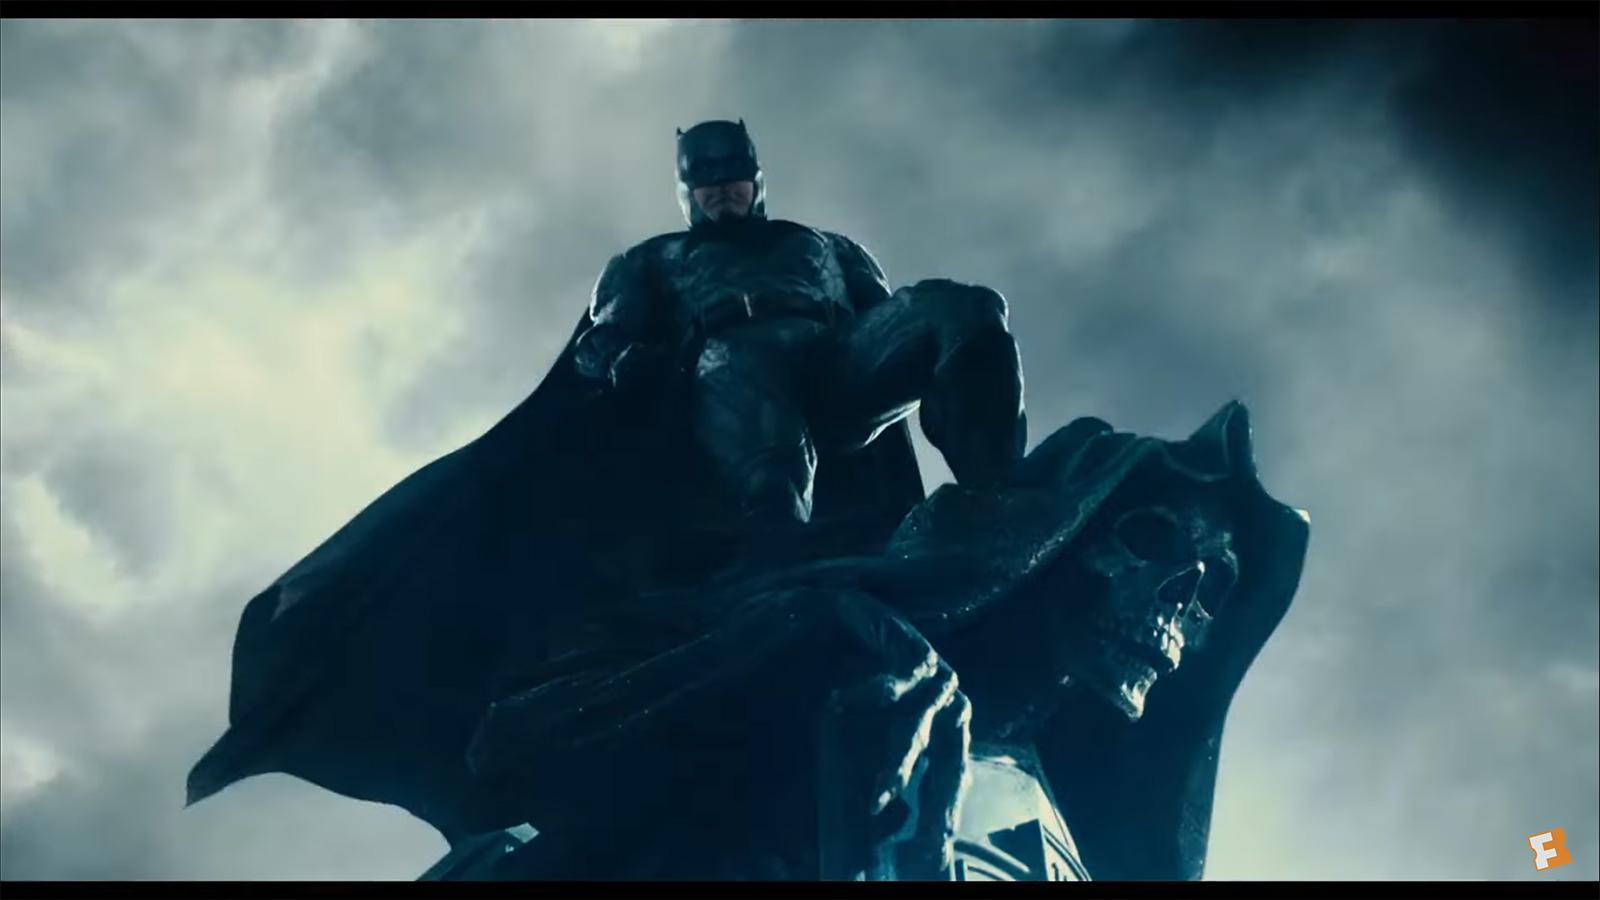 Justice League Batman Sneak Peek 2017 Article Cgsociety